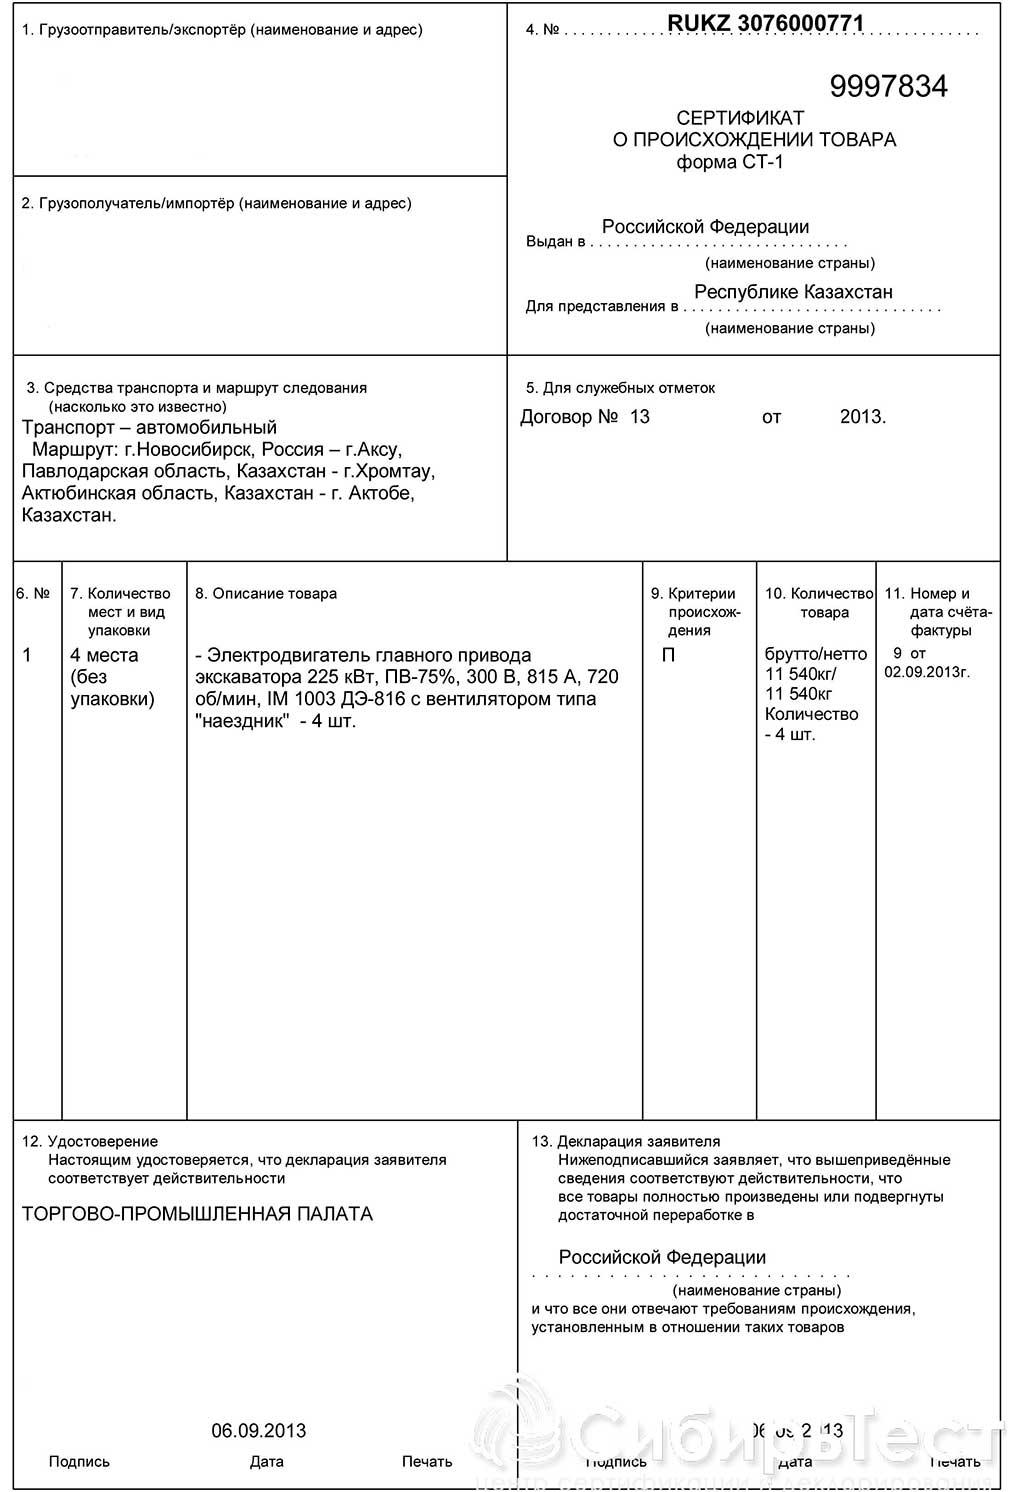 Сертификация спецодежды в украине росжилкоммунсертификация 10 красноармейская